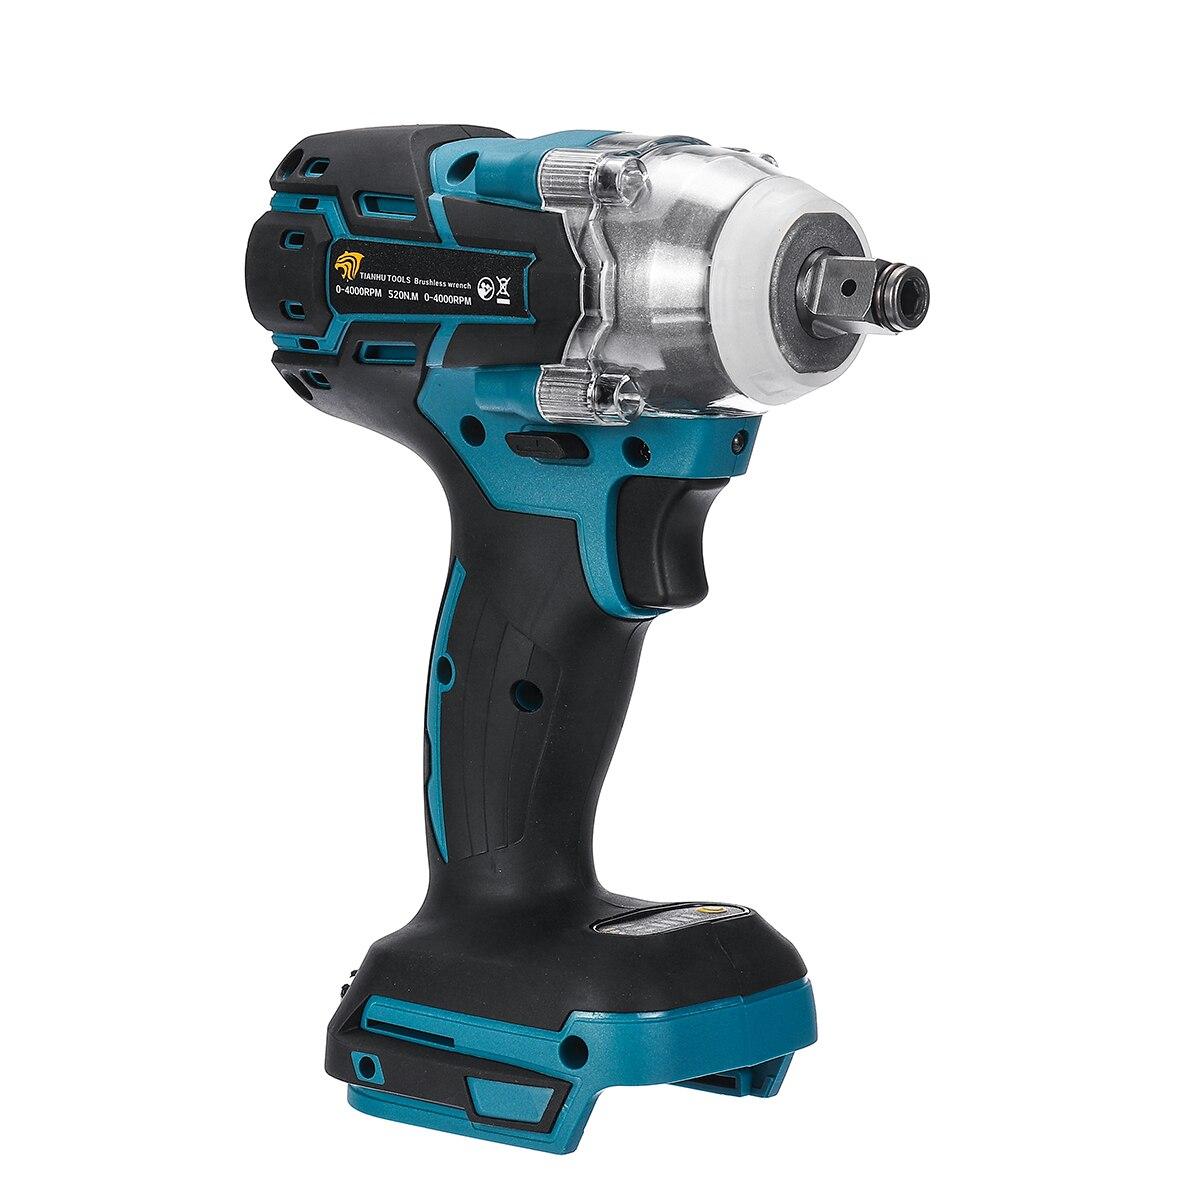 18 v chave de impacto sem escova sem fio chave elétrica ferramenta elétrica 520n. m torque recarregável para bateria makita dtw285z